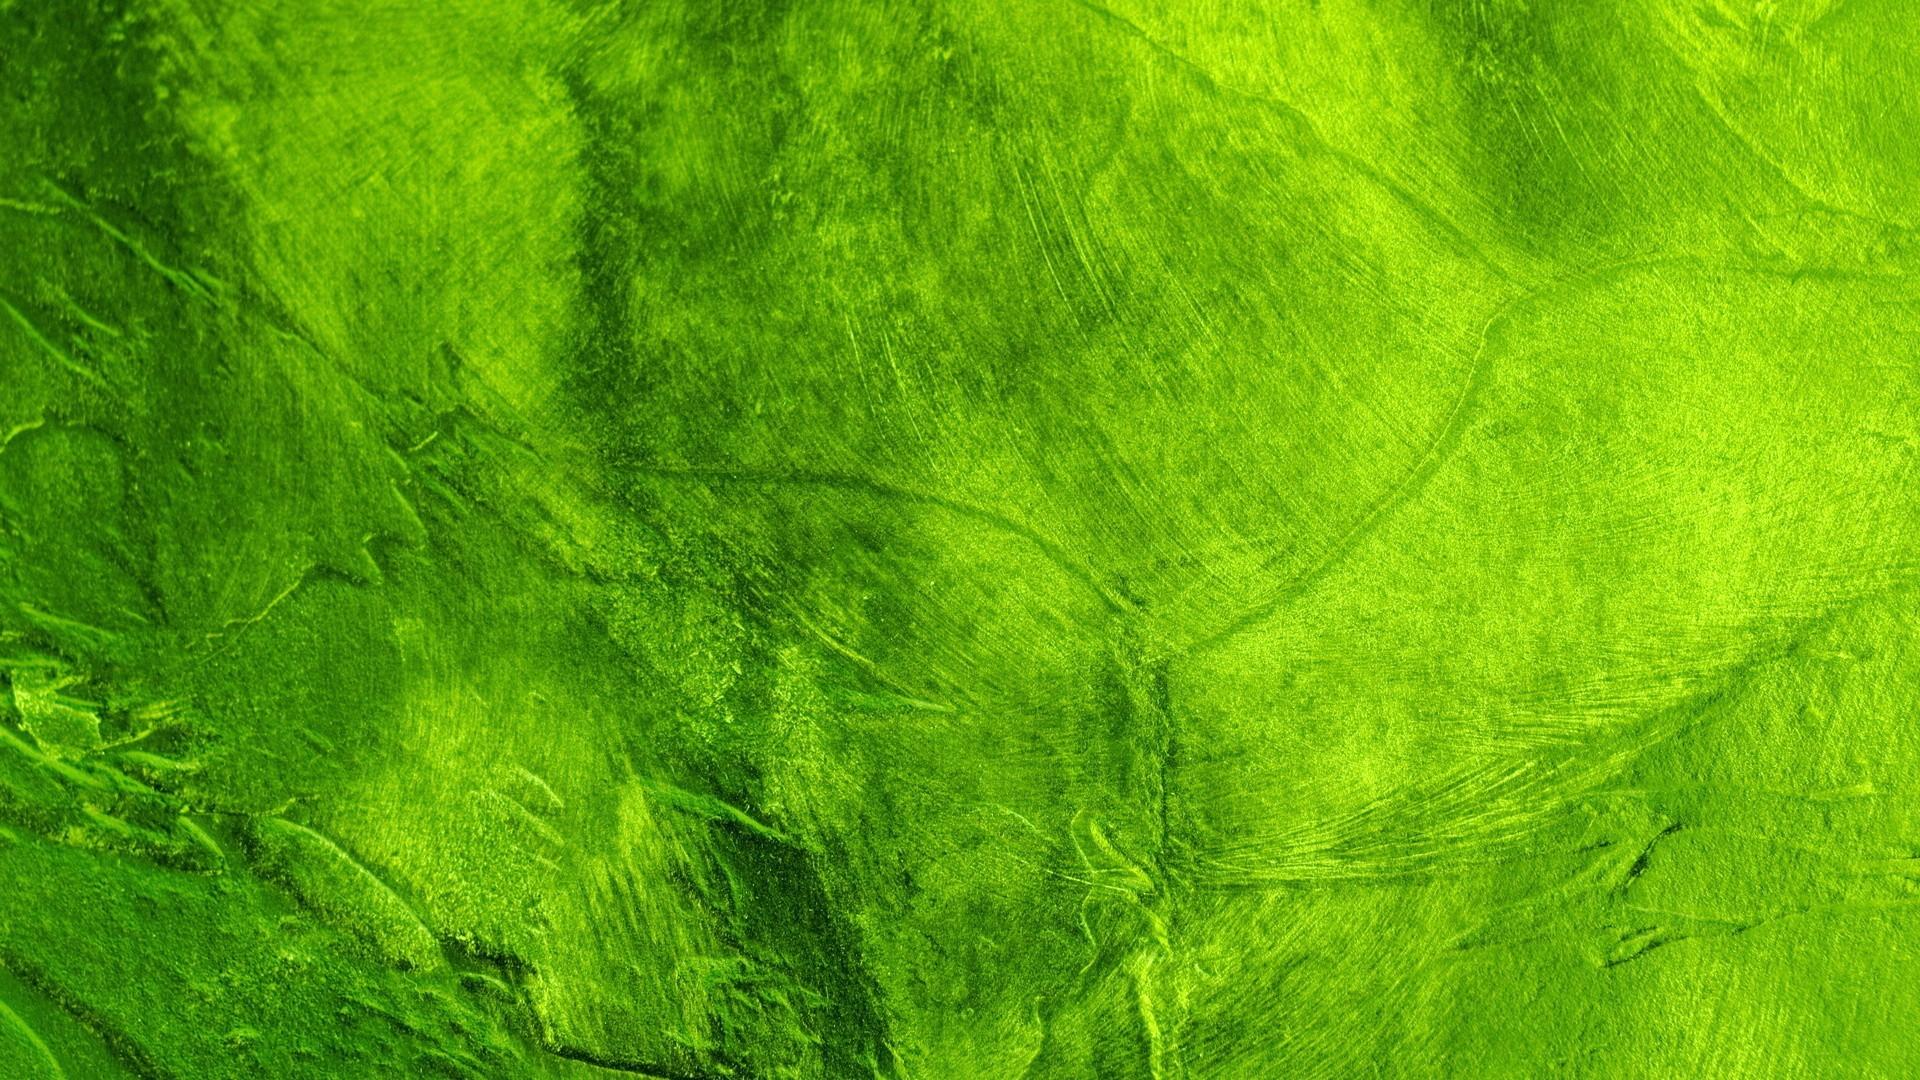 Abstract green network Wallpaper Pinterest Green wallpaper